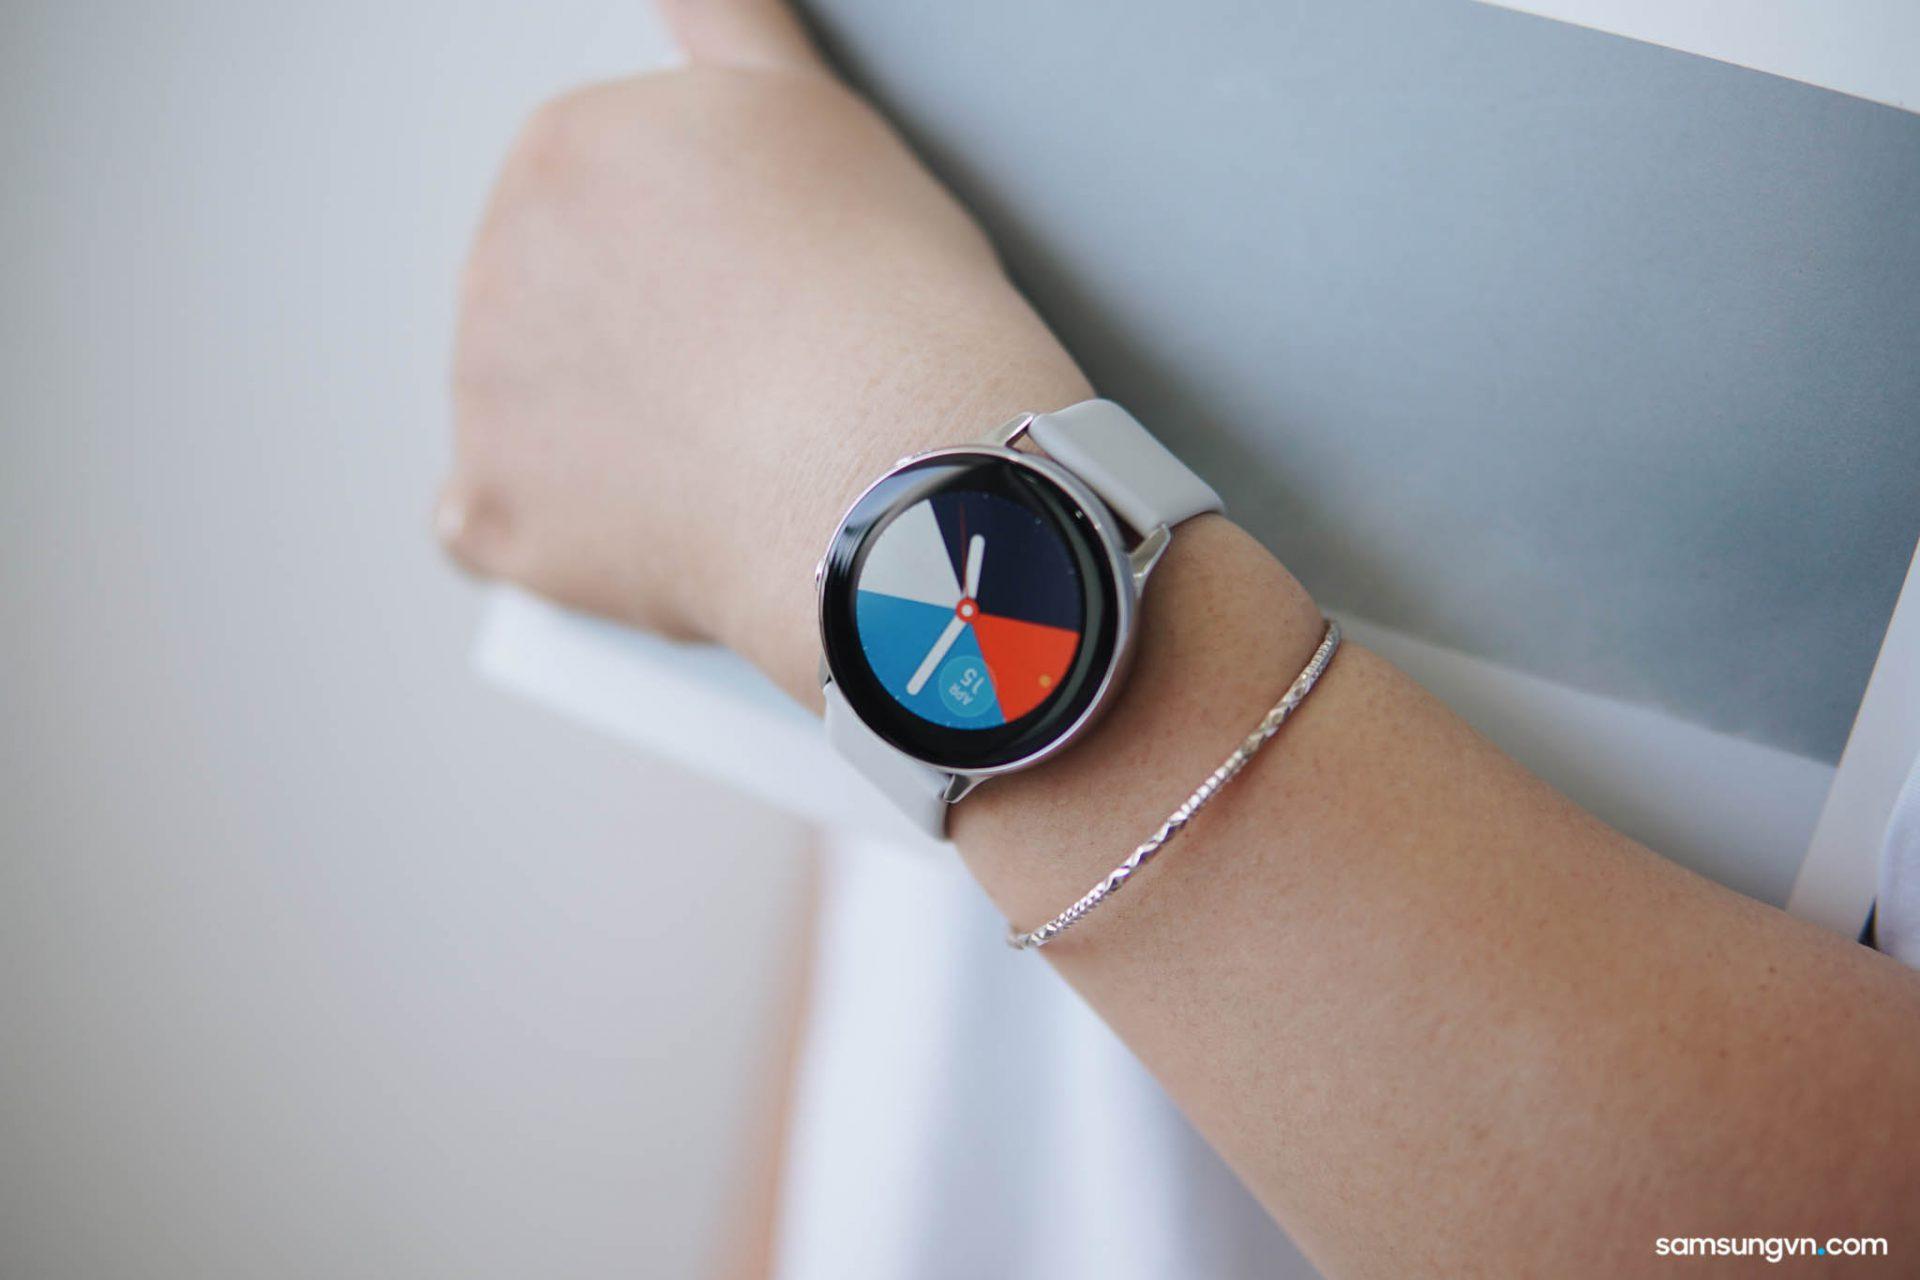 Mở hộp và chia sẻ trải nghiệm Galaxy Watch Active: thiết kế thời trang, năng động, nhiều tính năng thể thao hay, phù hợp với các bạn nữ!